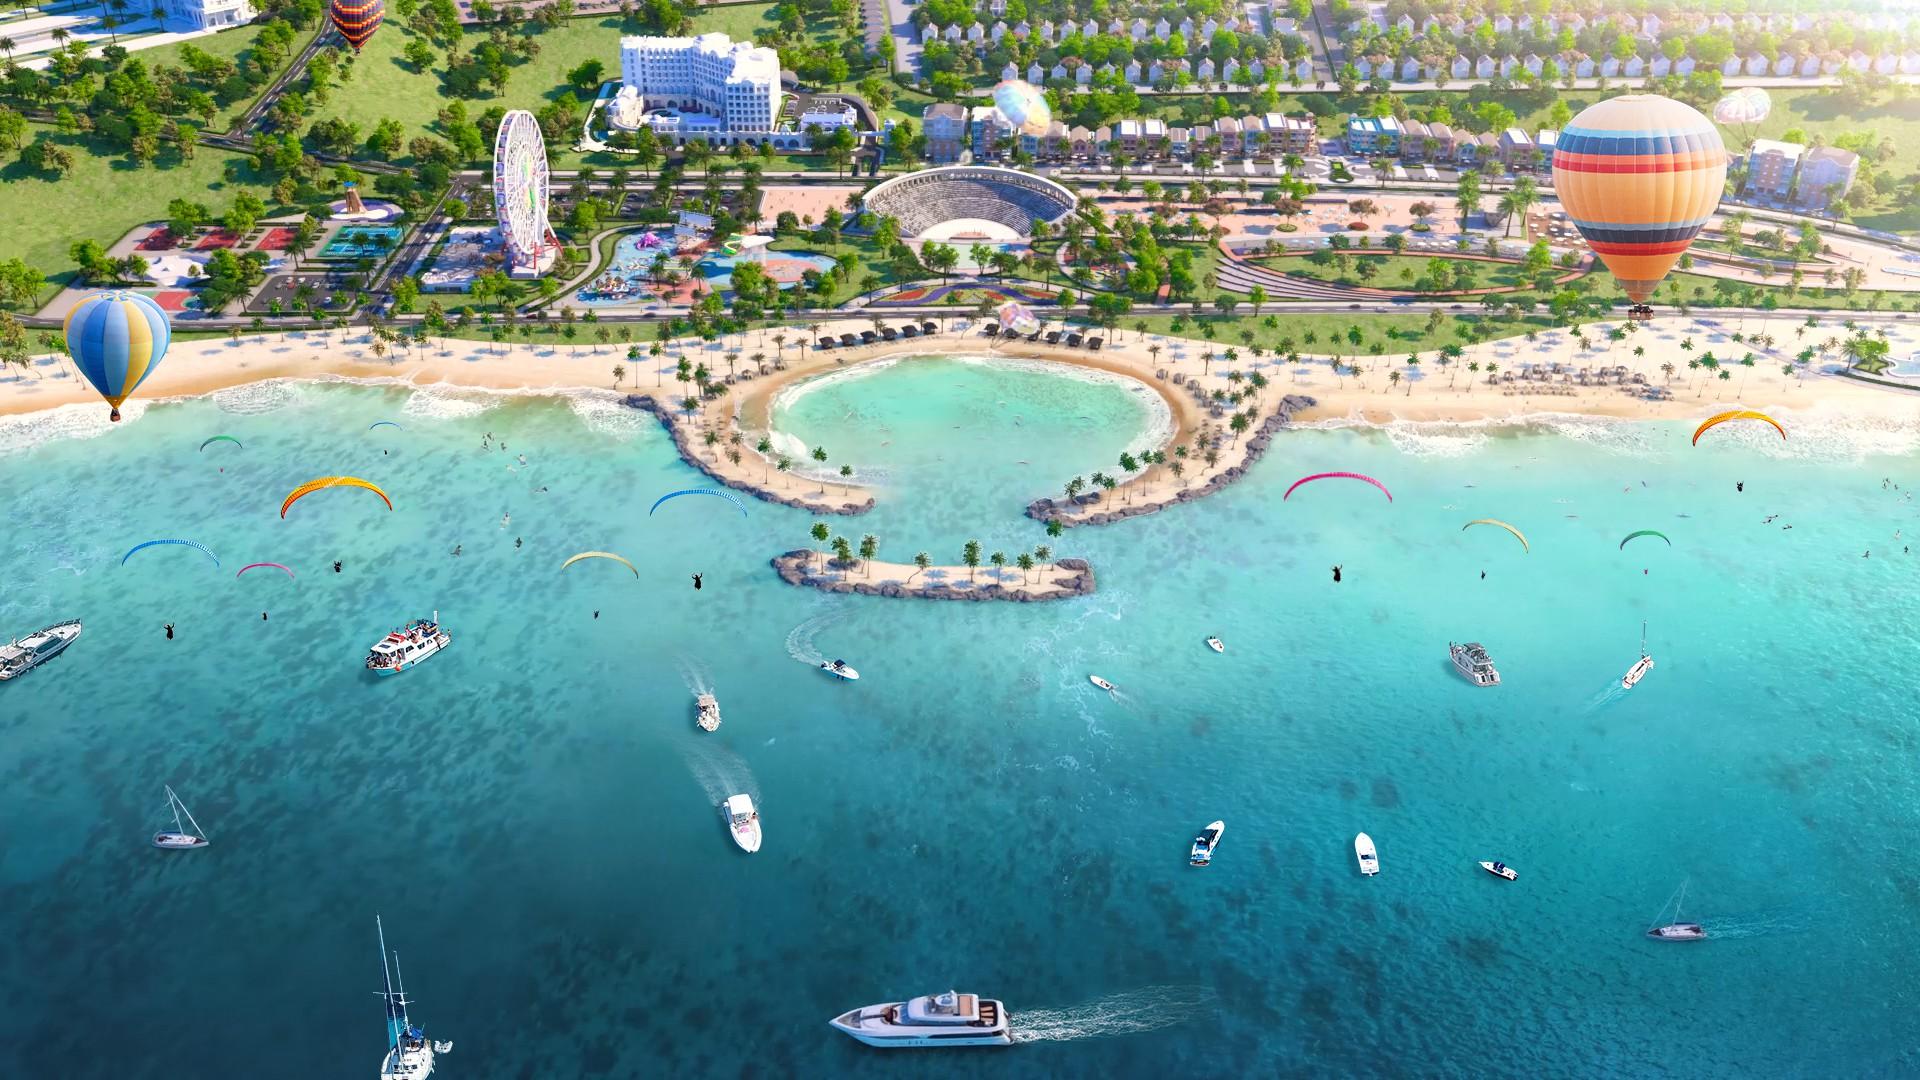 Tổ hợp du lịch nghỉ dưỡng giải trí xứng tầm ở Phan Thiết - Ảnh 4.